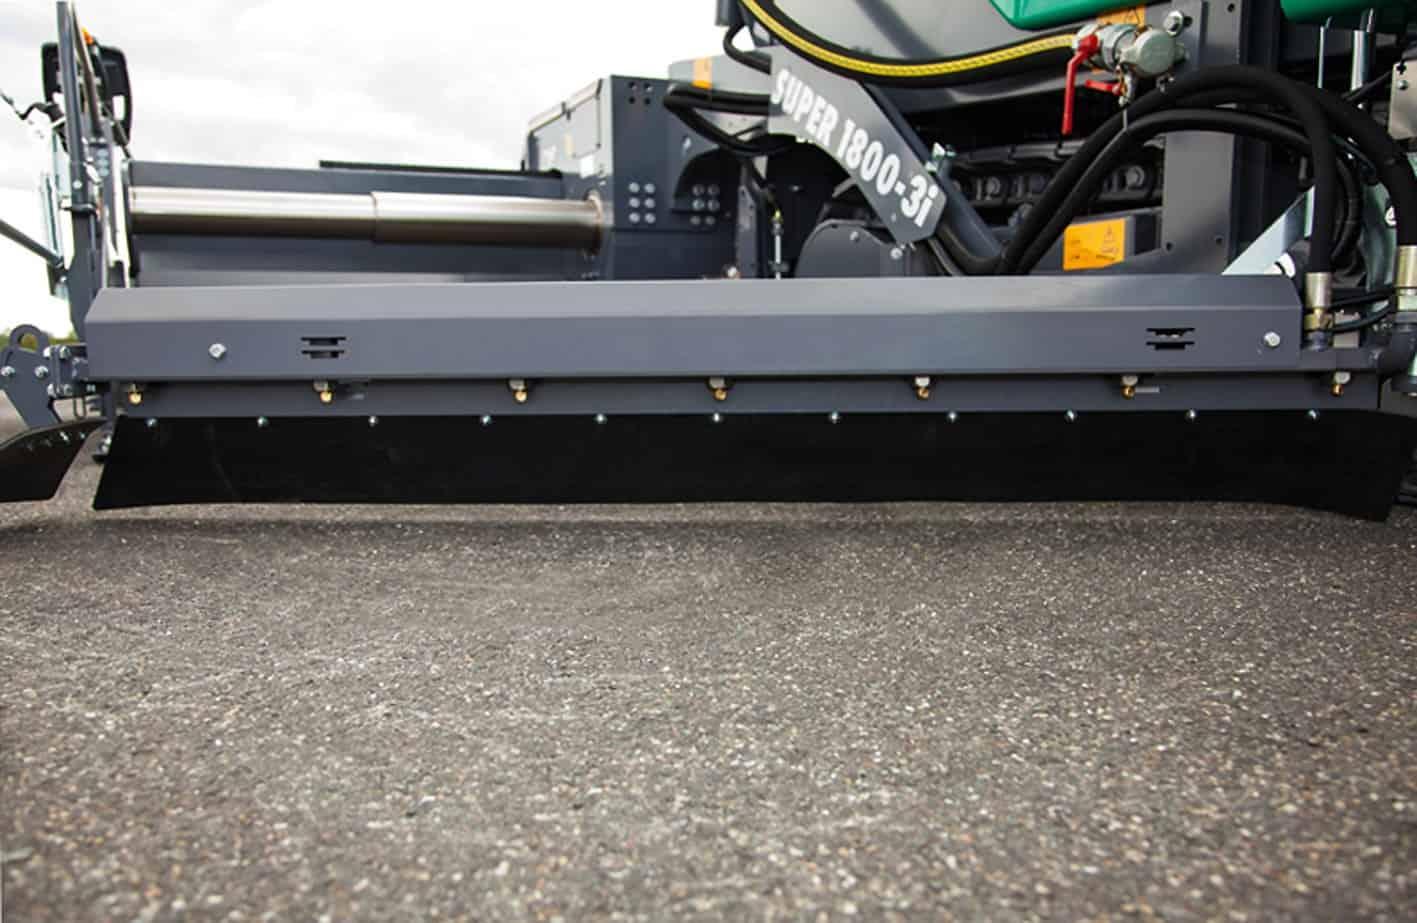 La finitrice attrezzata con il banco estensibile AB 500-2 TV ha operato alla larghezza di spruzzo massima di 6 m